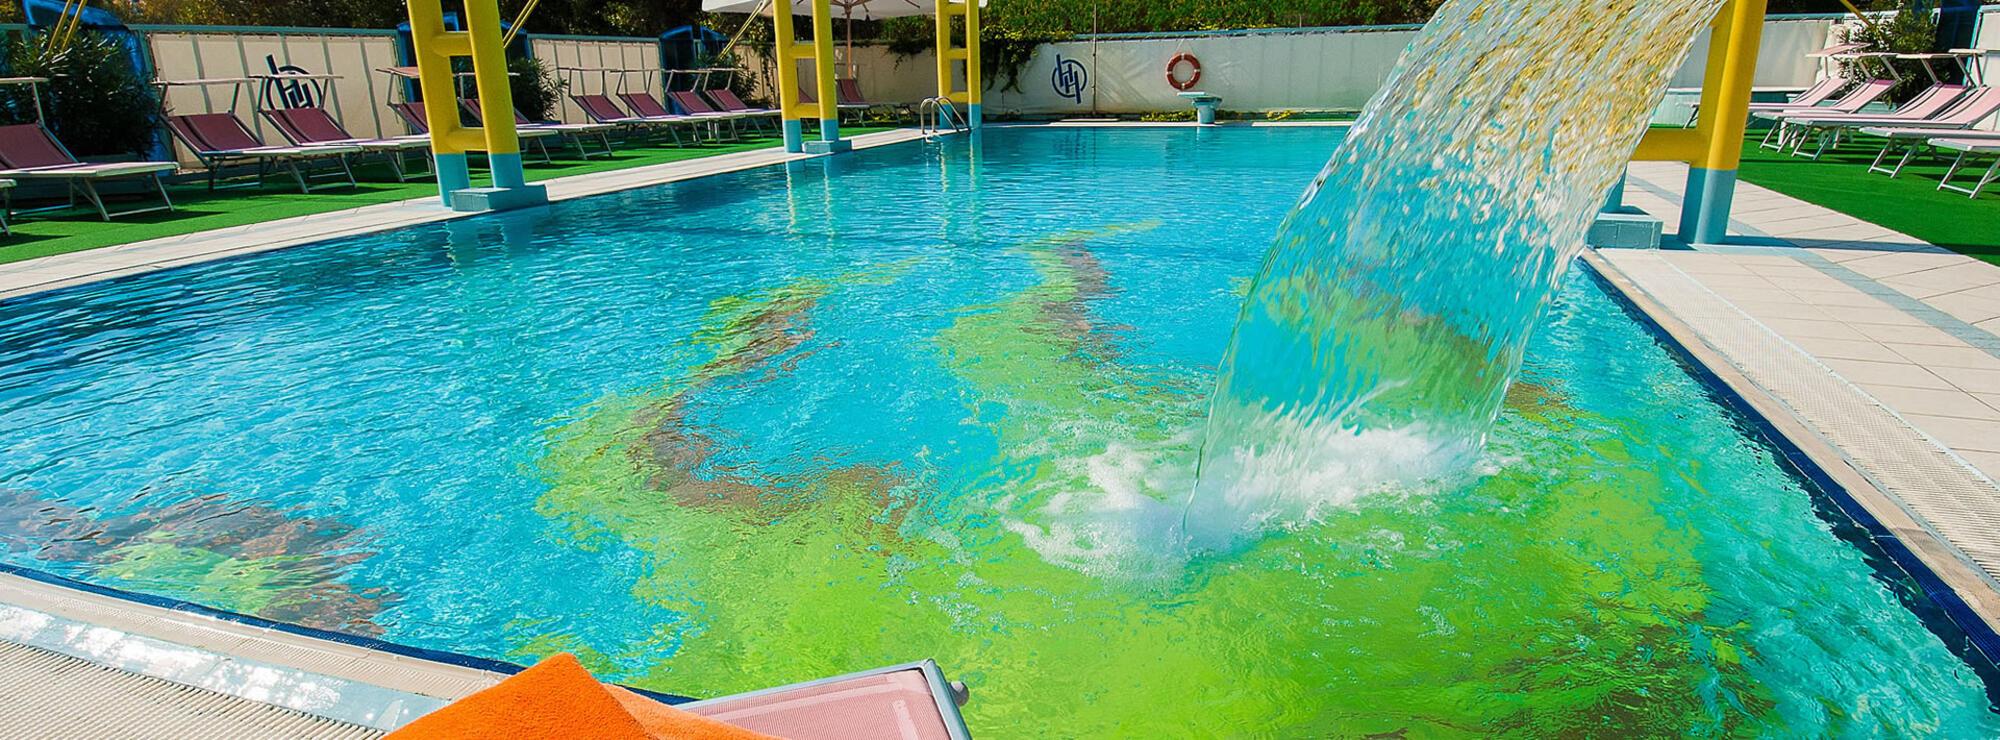 Hotel 4 stelle rimini con piscina riscaldata albergo con piscina e idromassaggio - Champoluc hotel con piscina ...